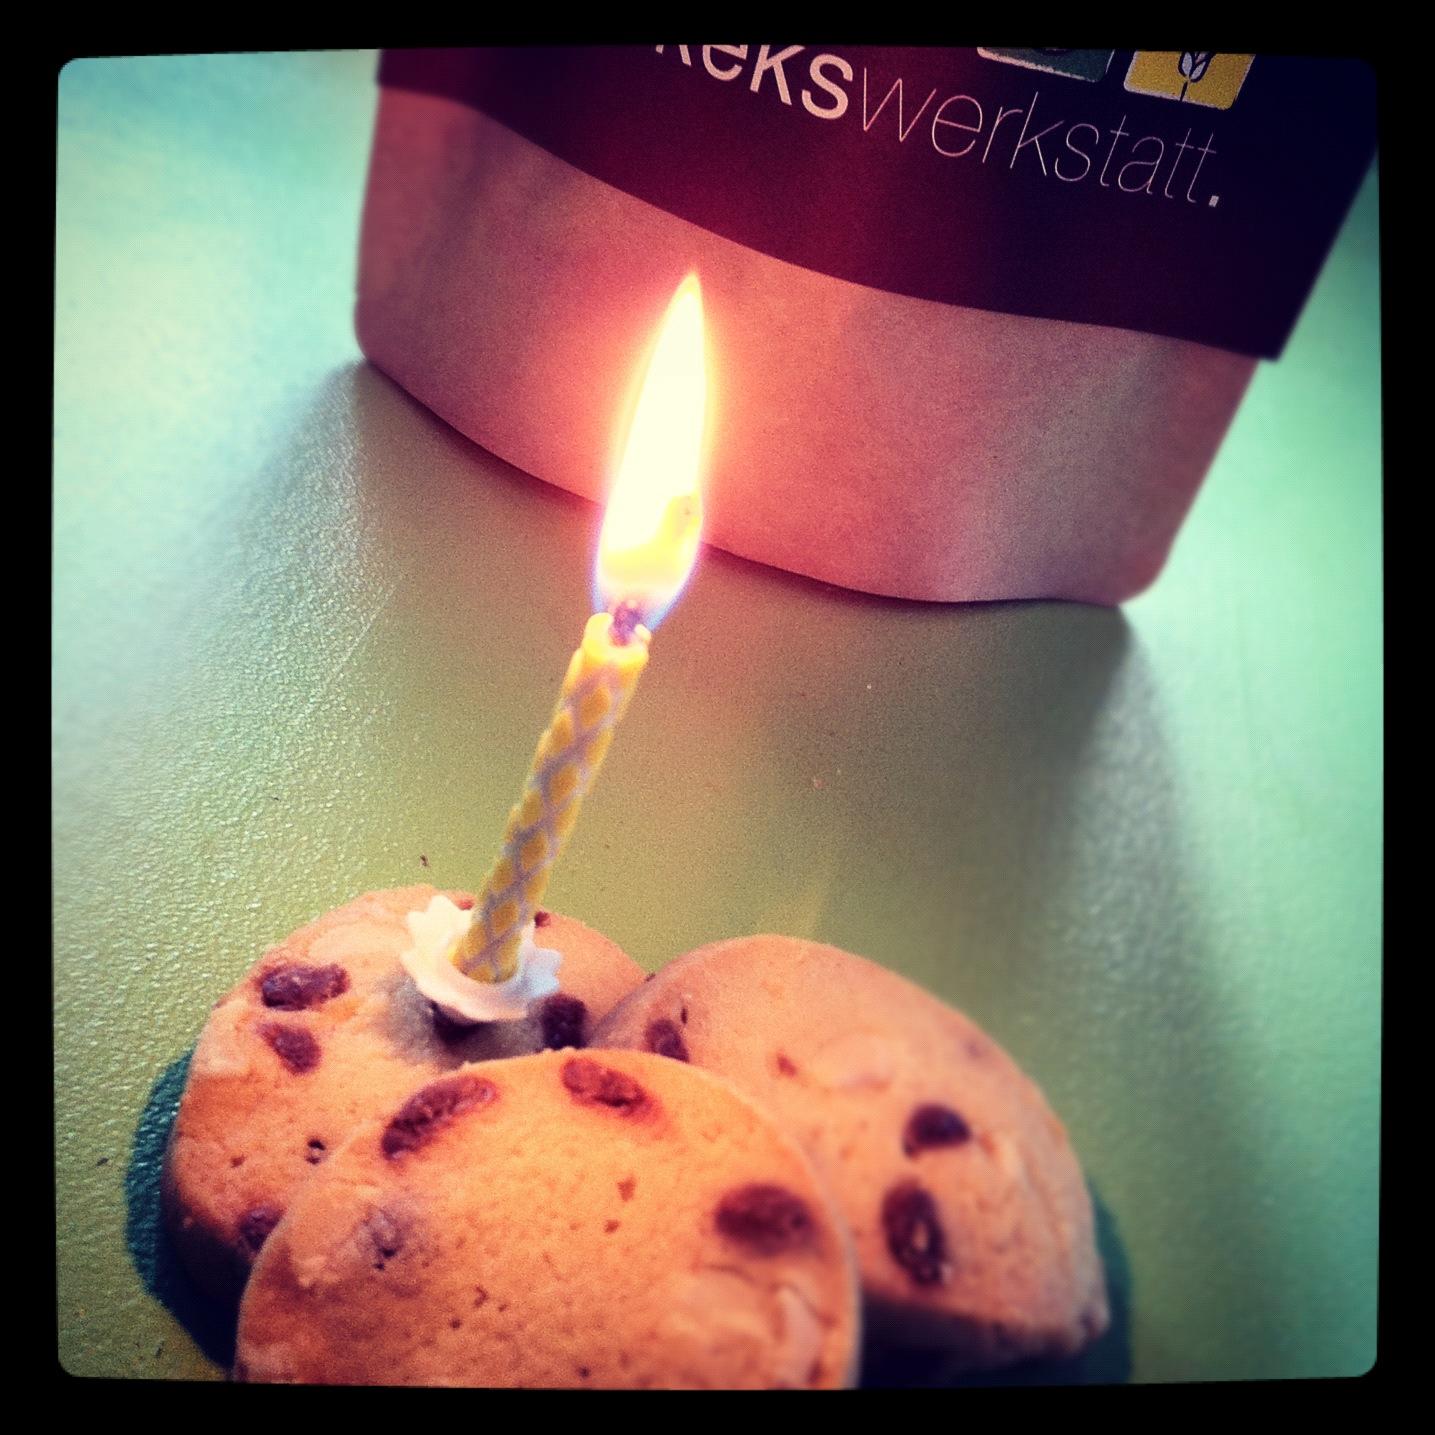 Happy Birthday Kekswerkstatt